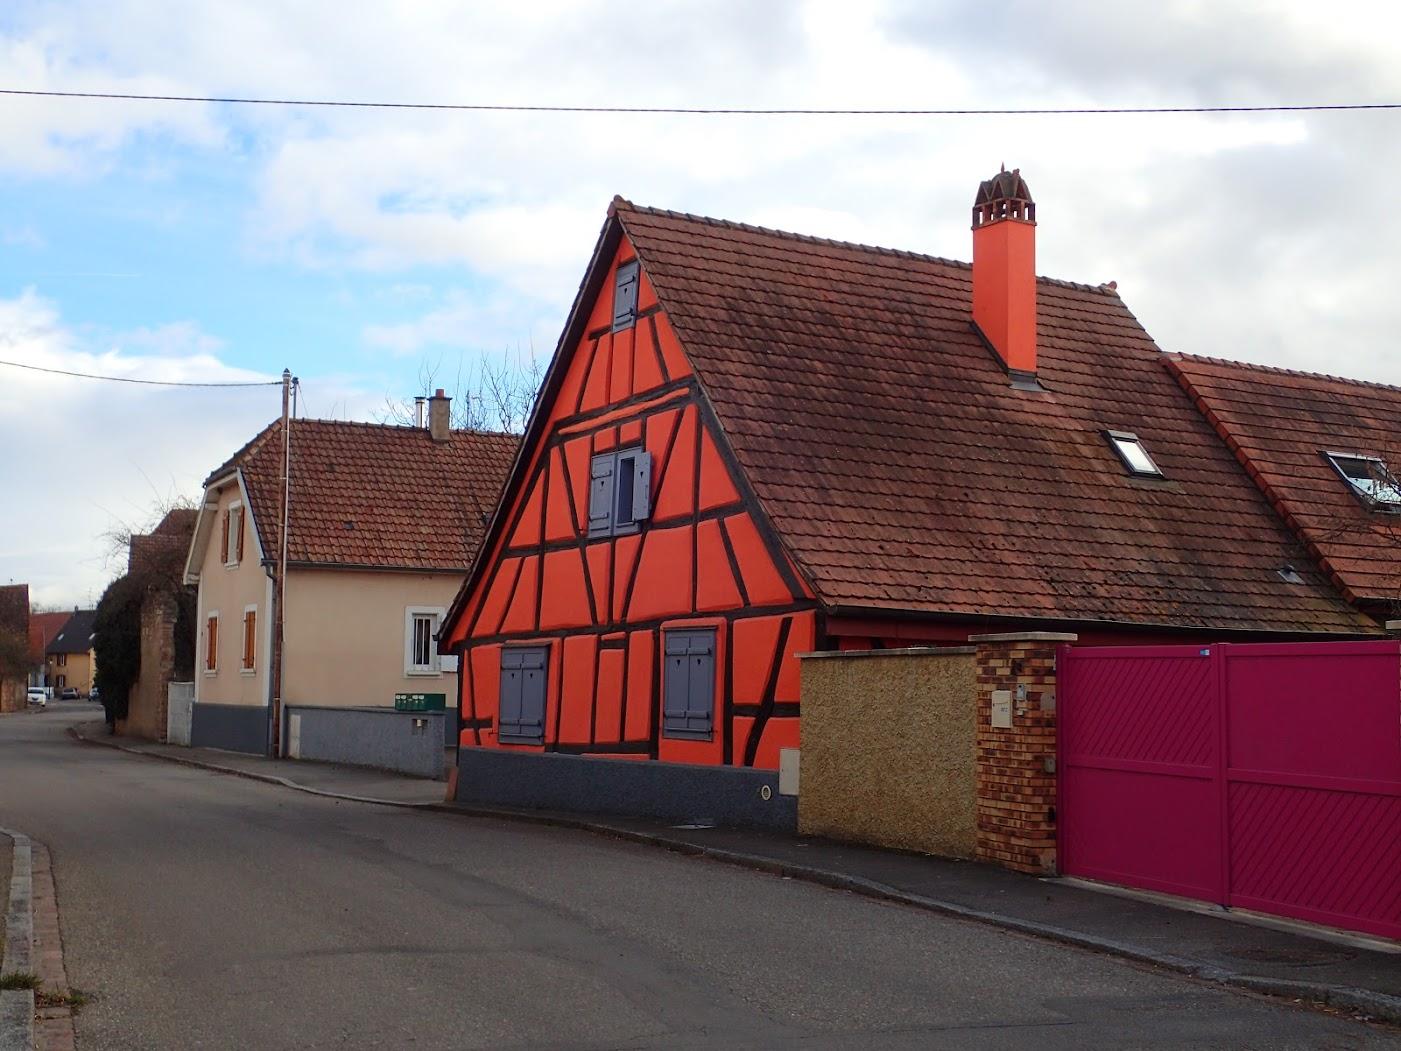 maison typique alsacienne (Réguisheim)